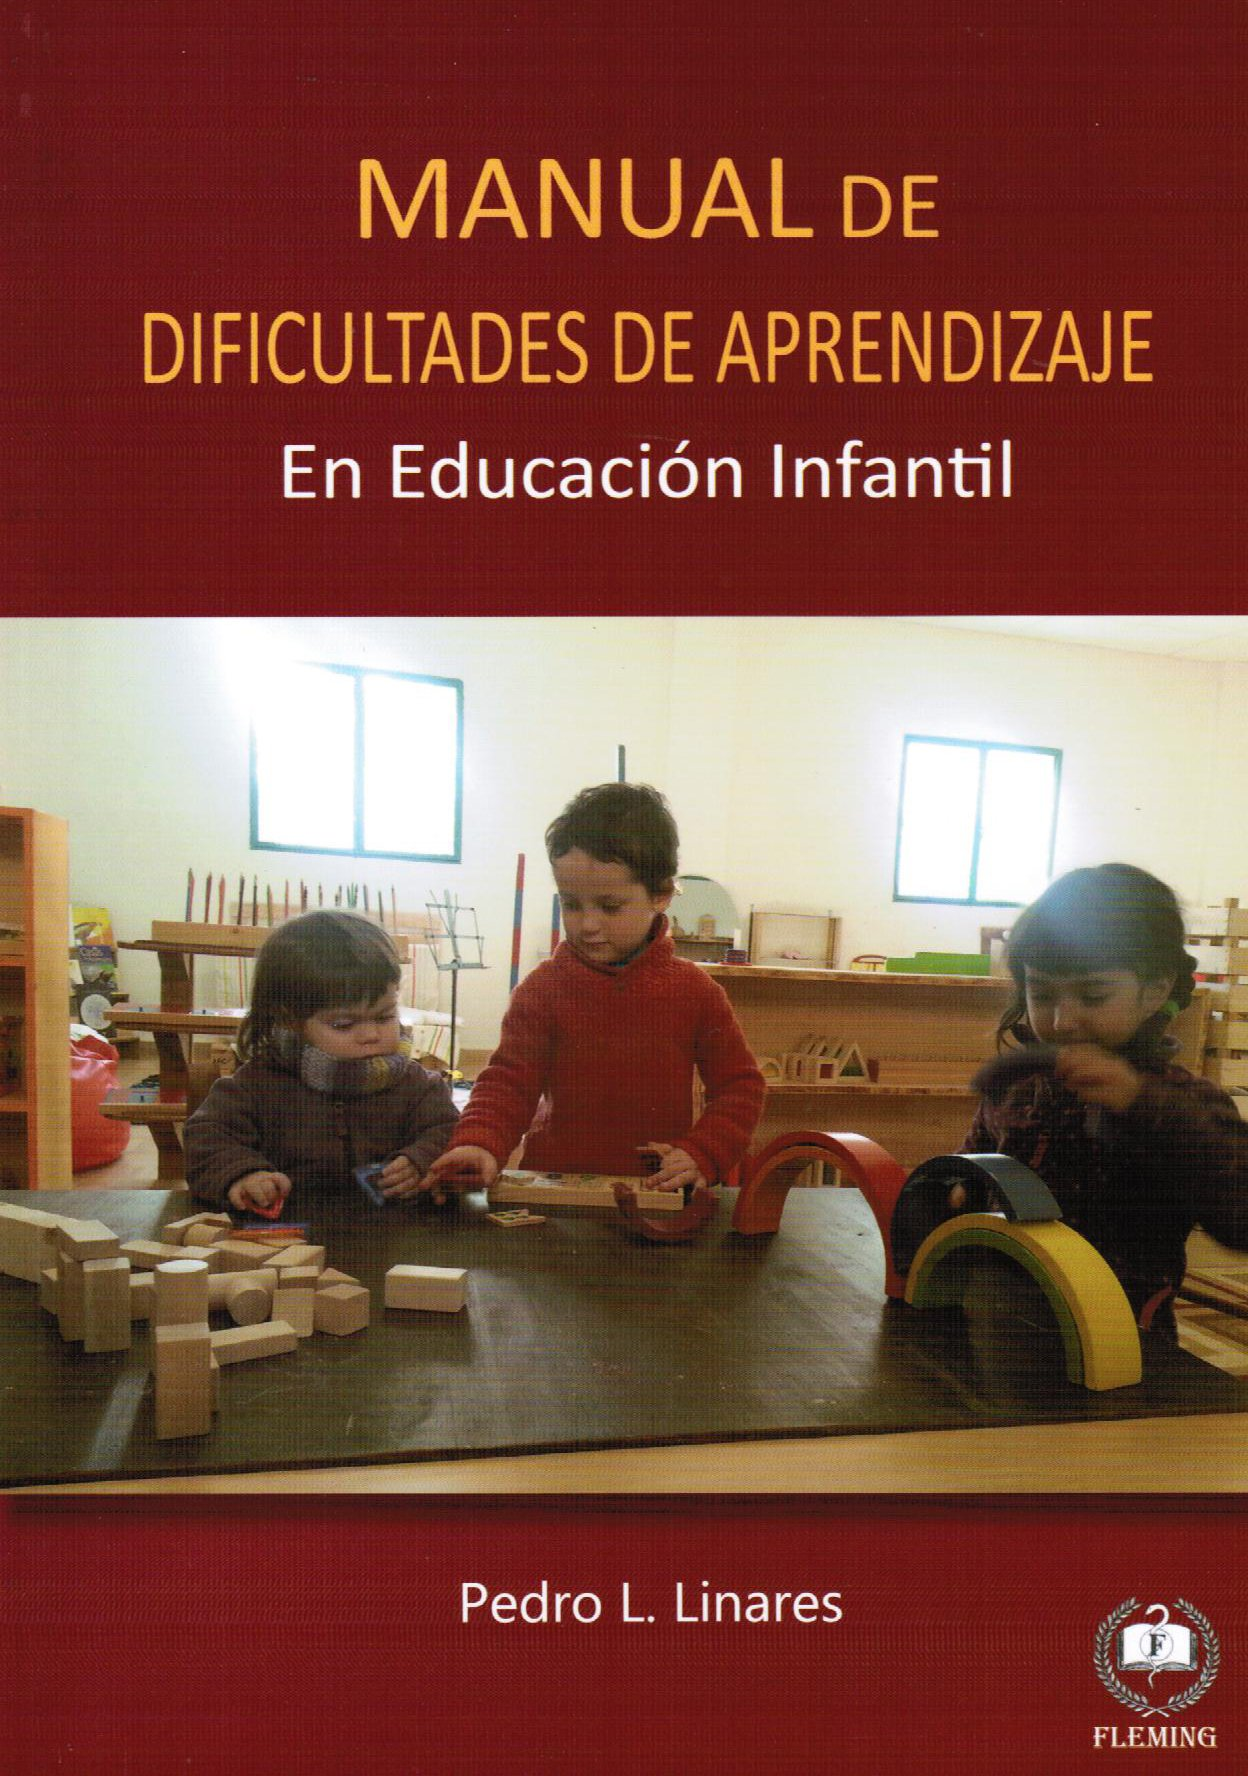 Manual de Dificultades de Aprendizaje en Educación Infantil ...